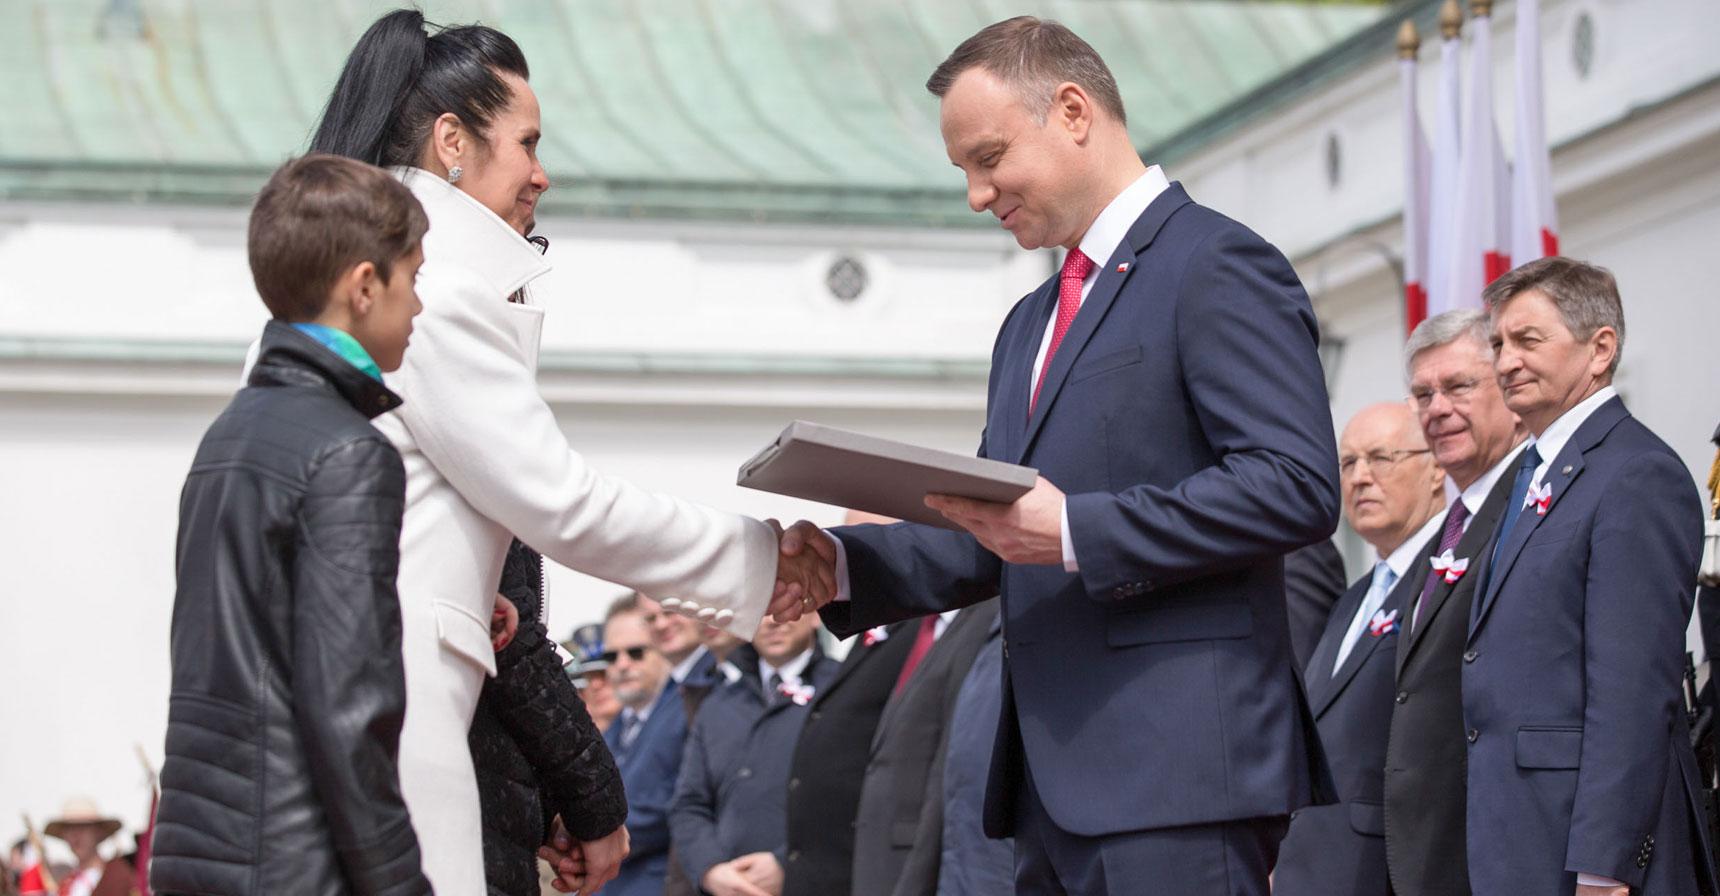 http://www.anders-szkolapolska.it/il-presidente-andrzej-duda-consegna-la-bandiera-alla-scuola-anders/